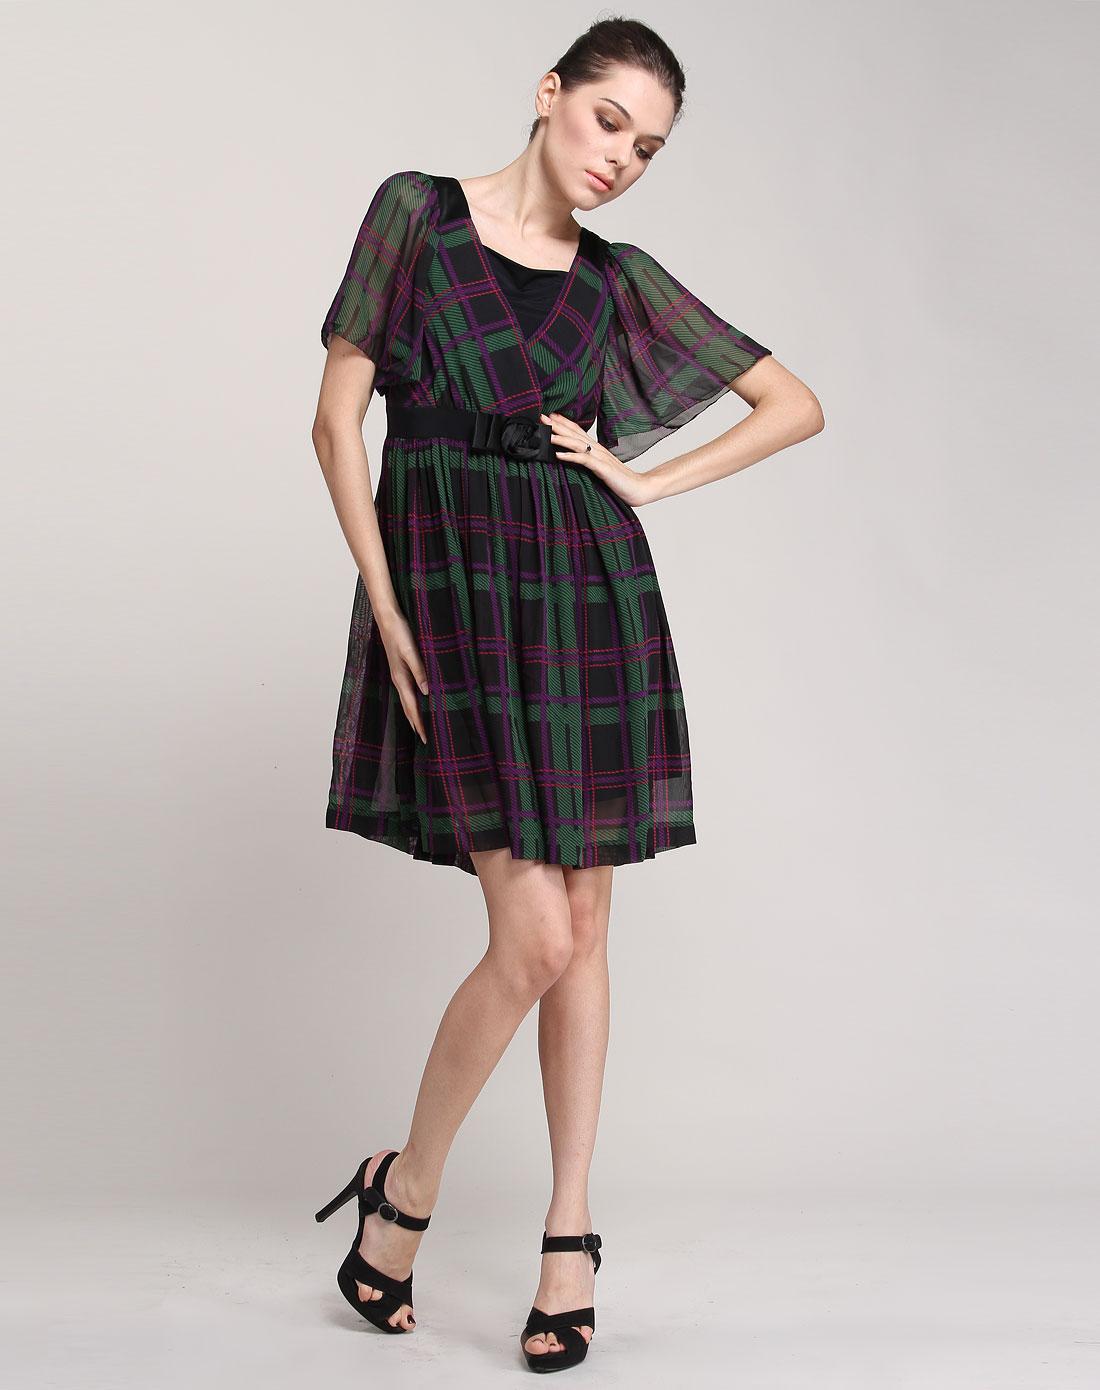 fairyfair女装专场-黑/绿/紫色时尚格纹短袖连衣裙